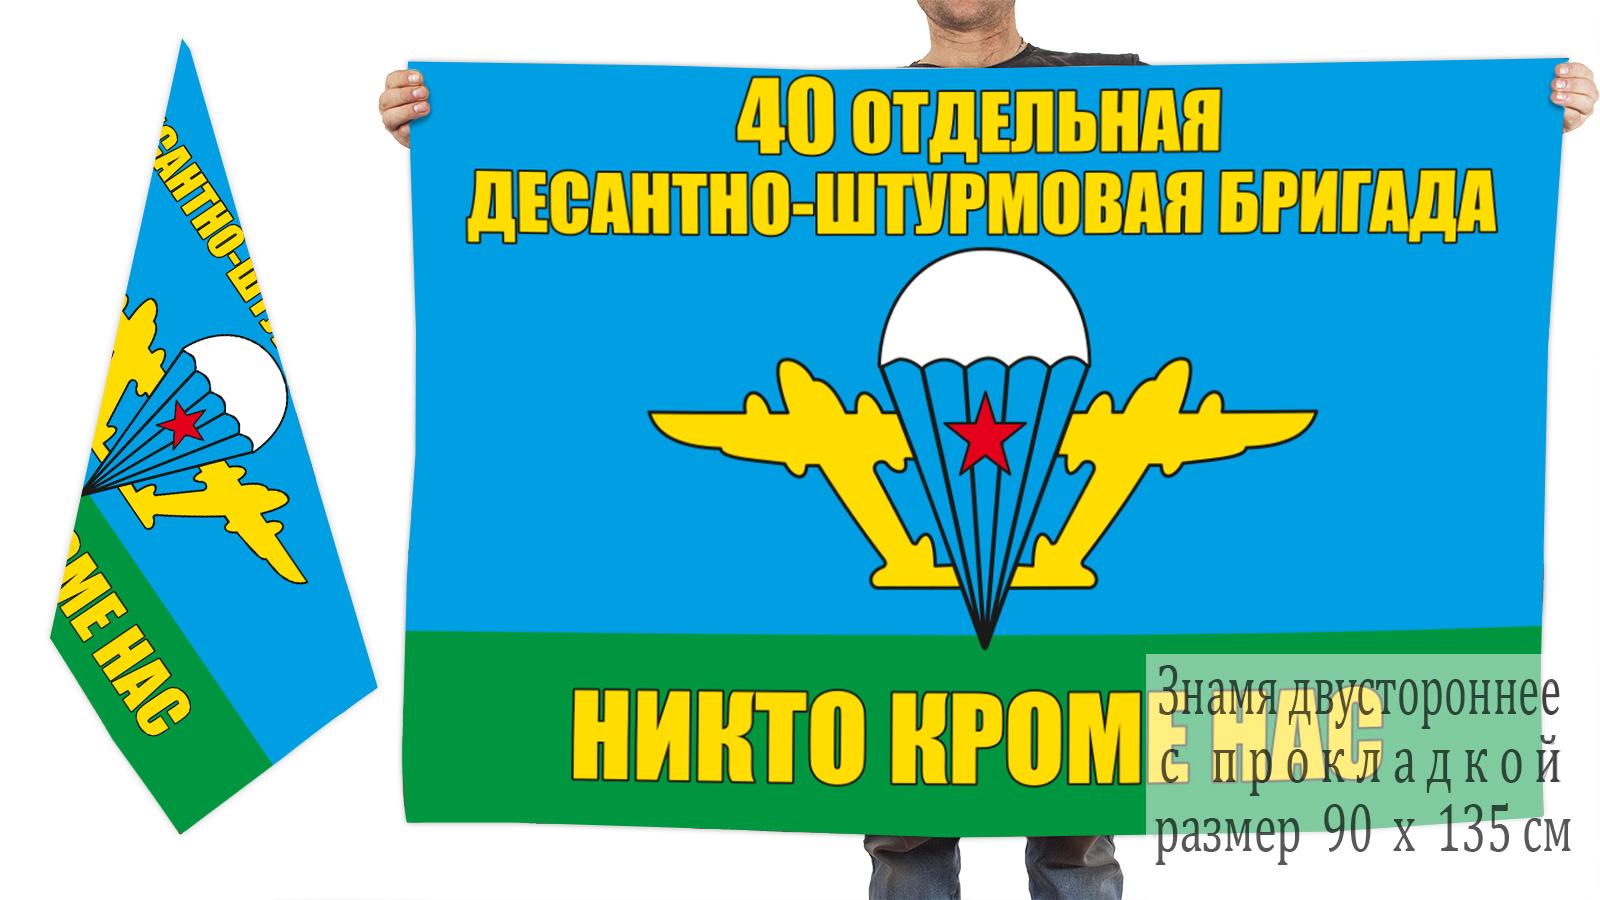 Двусторонний флаг 40 Отдельная десантно-штурмовая бригада ВДВ